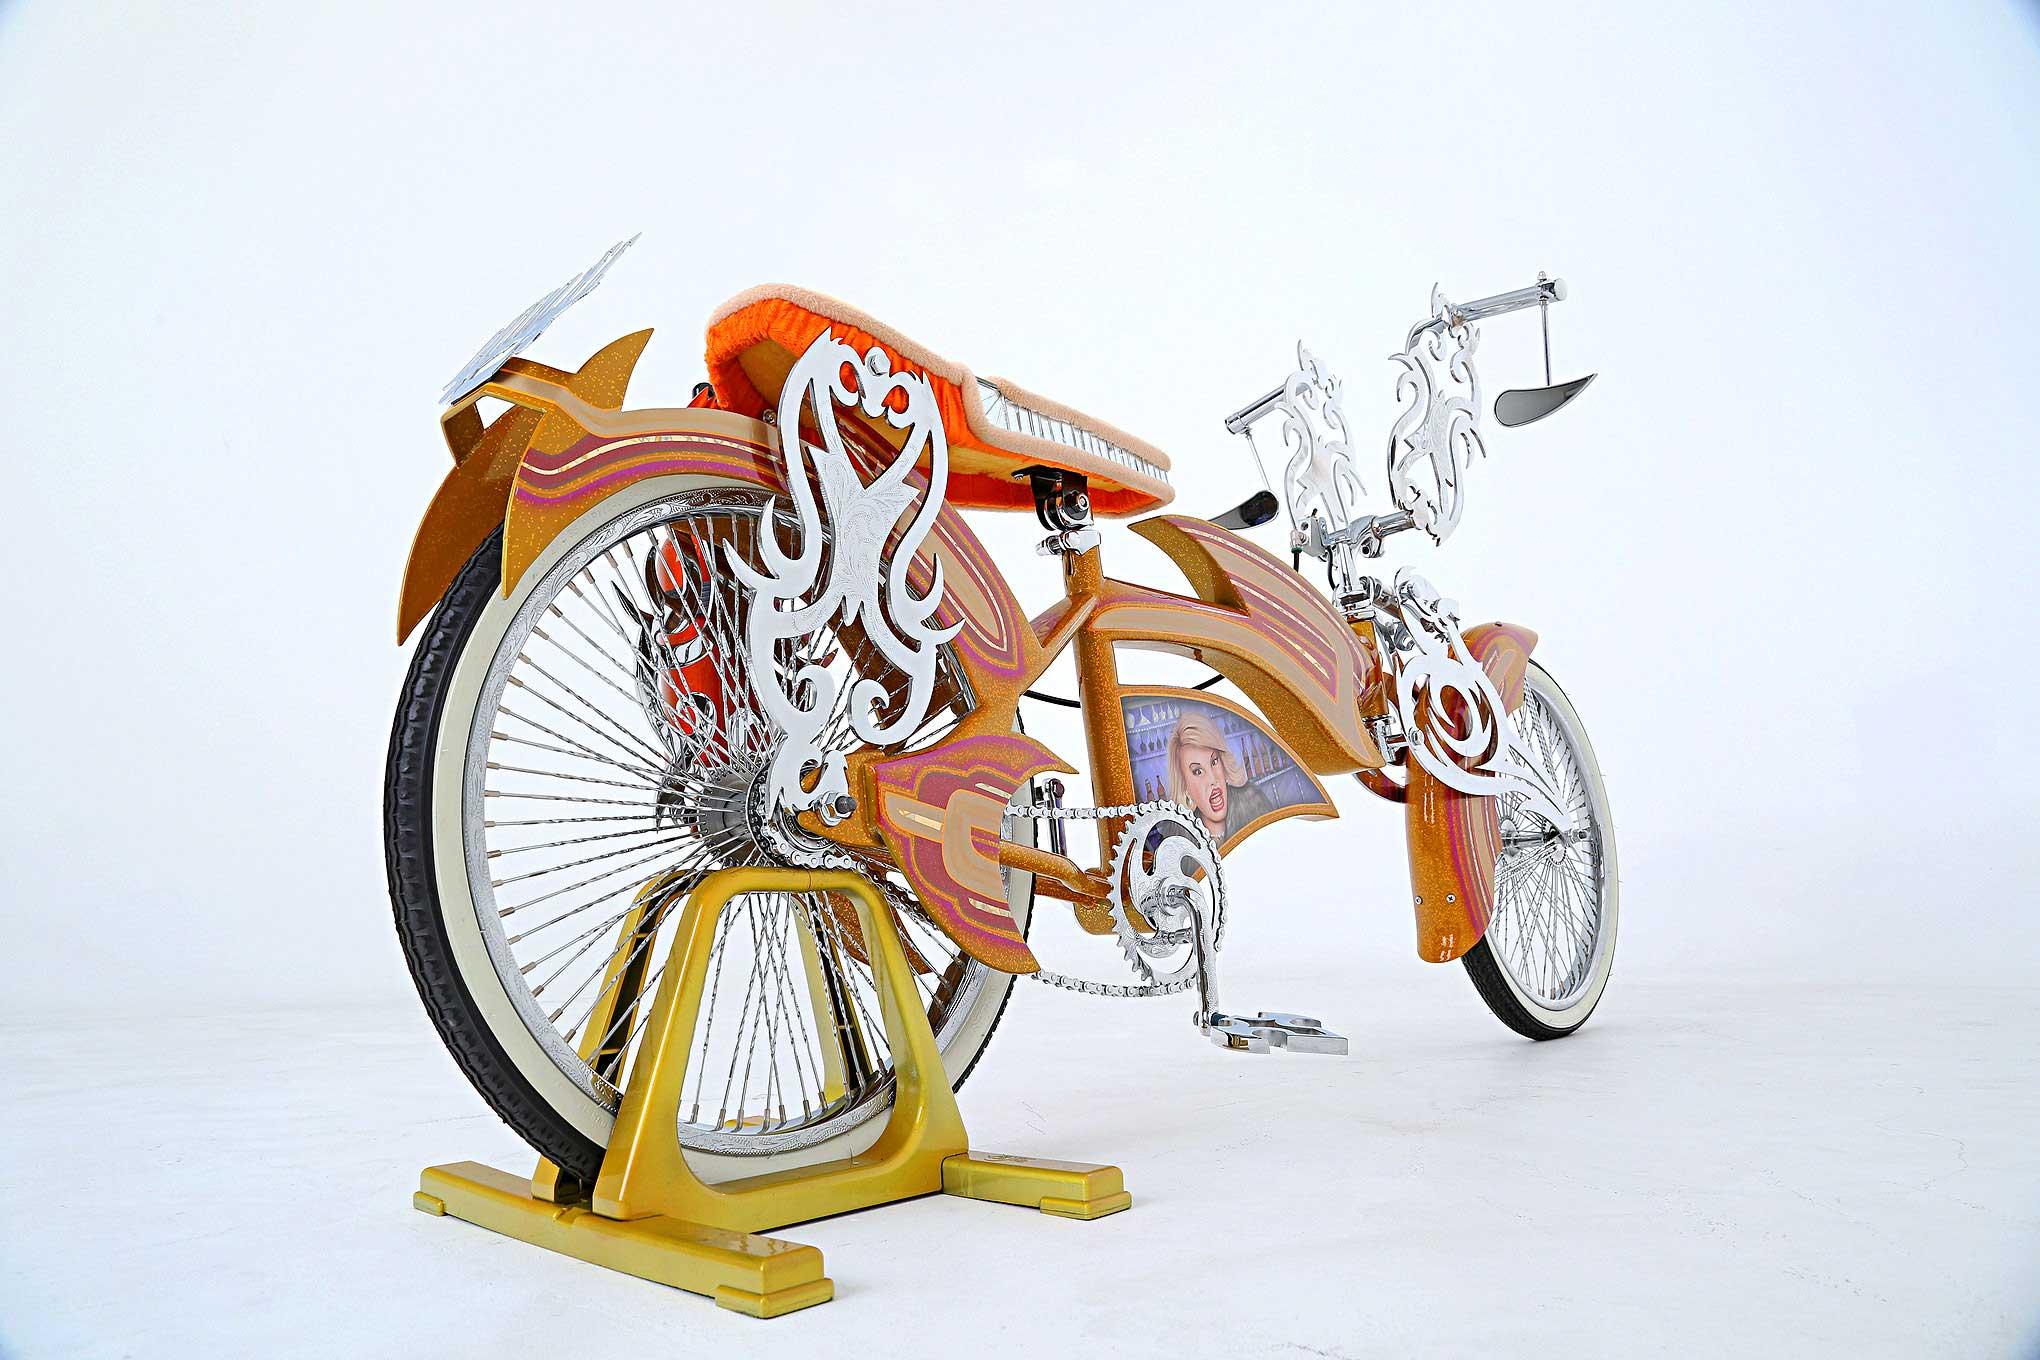 Bike Frame Orange Gold Candy And